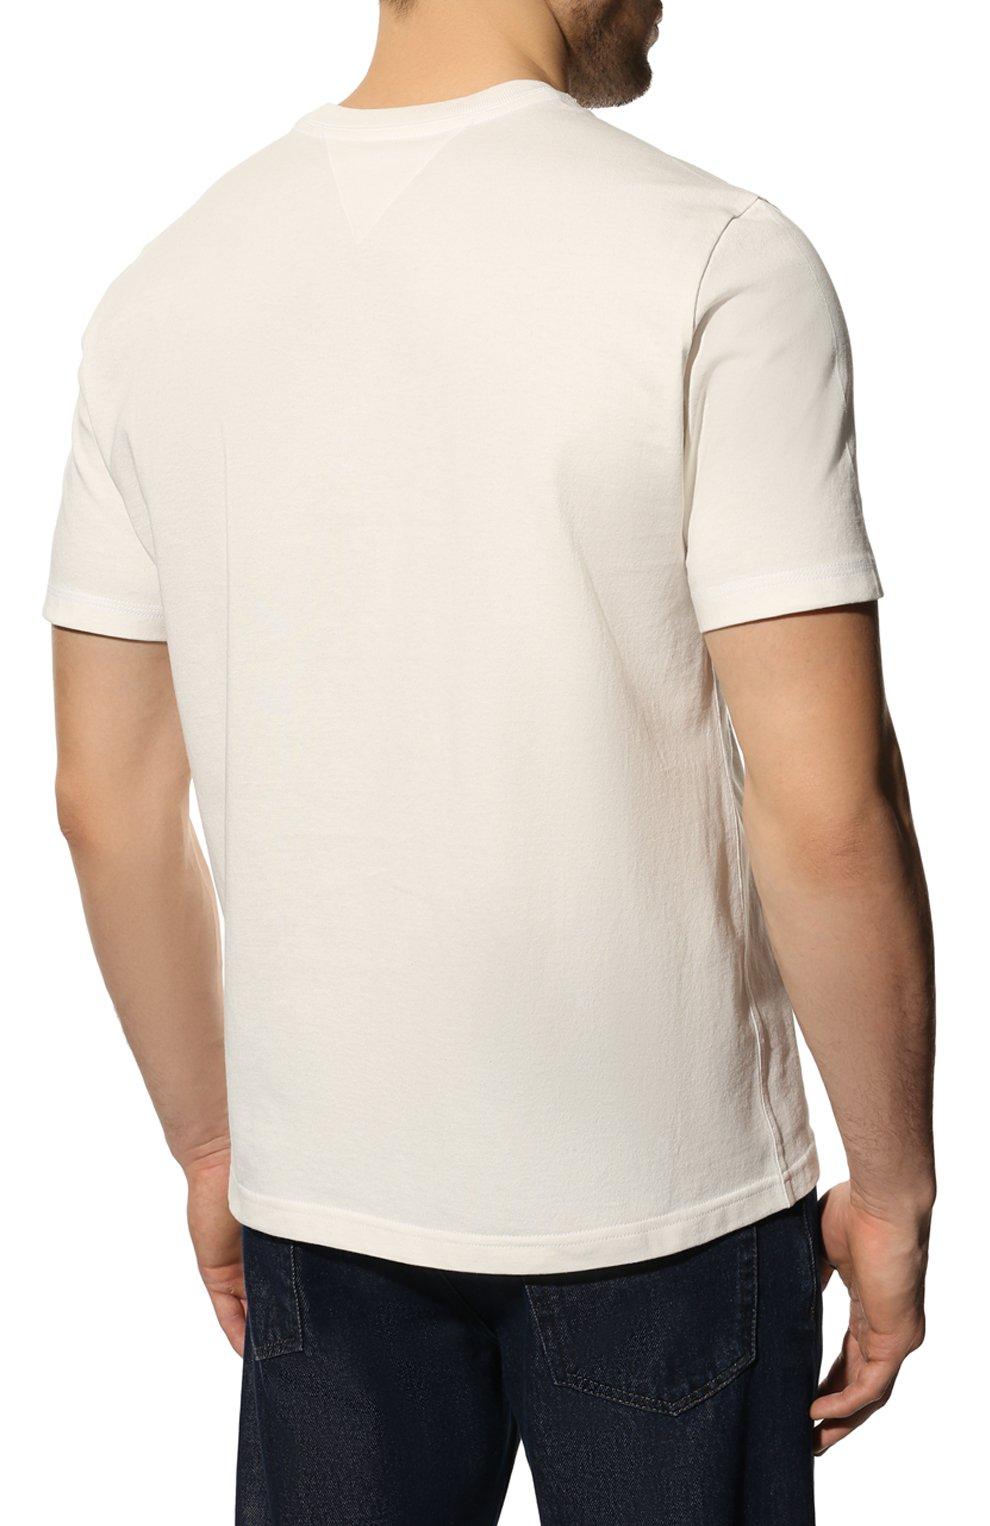 Мужская хлопковая футболка BOTTEGA VENETA белого цвета, арт. 649055/VF1U0 | Фото 4 (Принт: Без принта; Рукава: Короткие; Длина (для топов): Стандартные; Мужское Кросс-КТ: Футболка-одежда; Материал внешний: Хлопок; Стили: Минимализм)